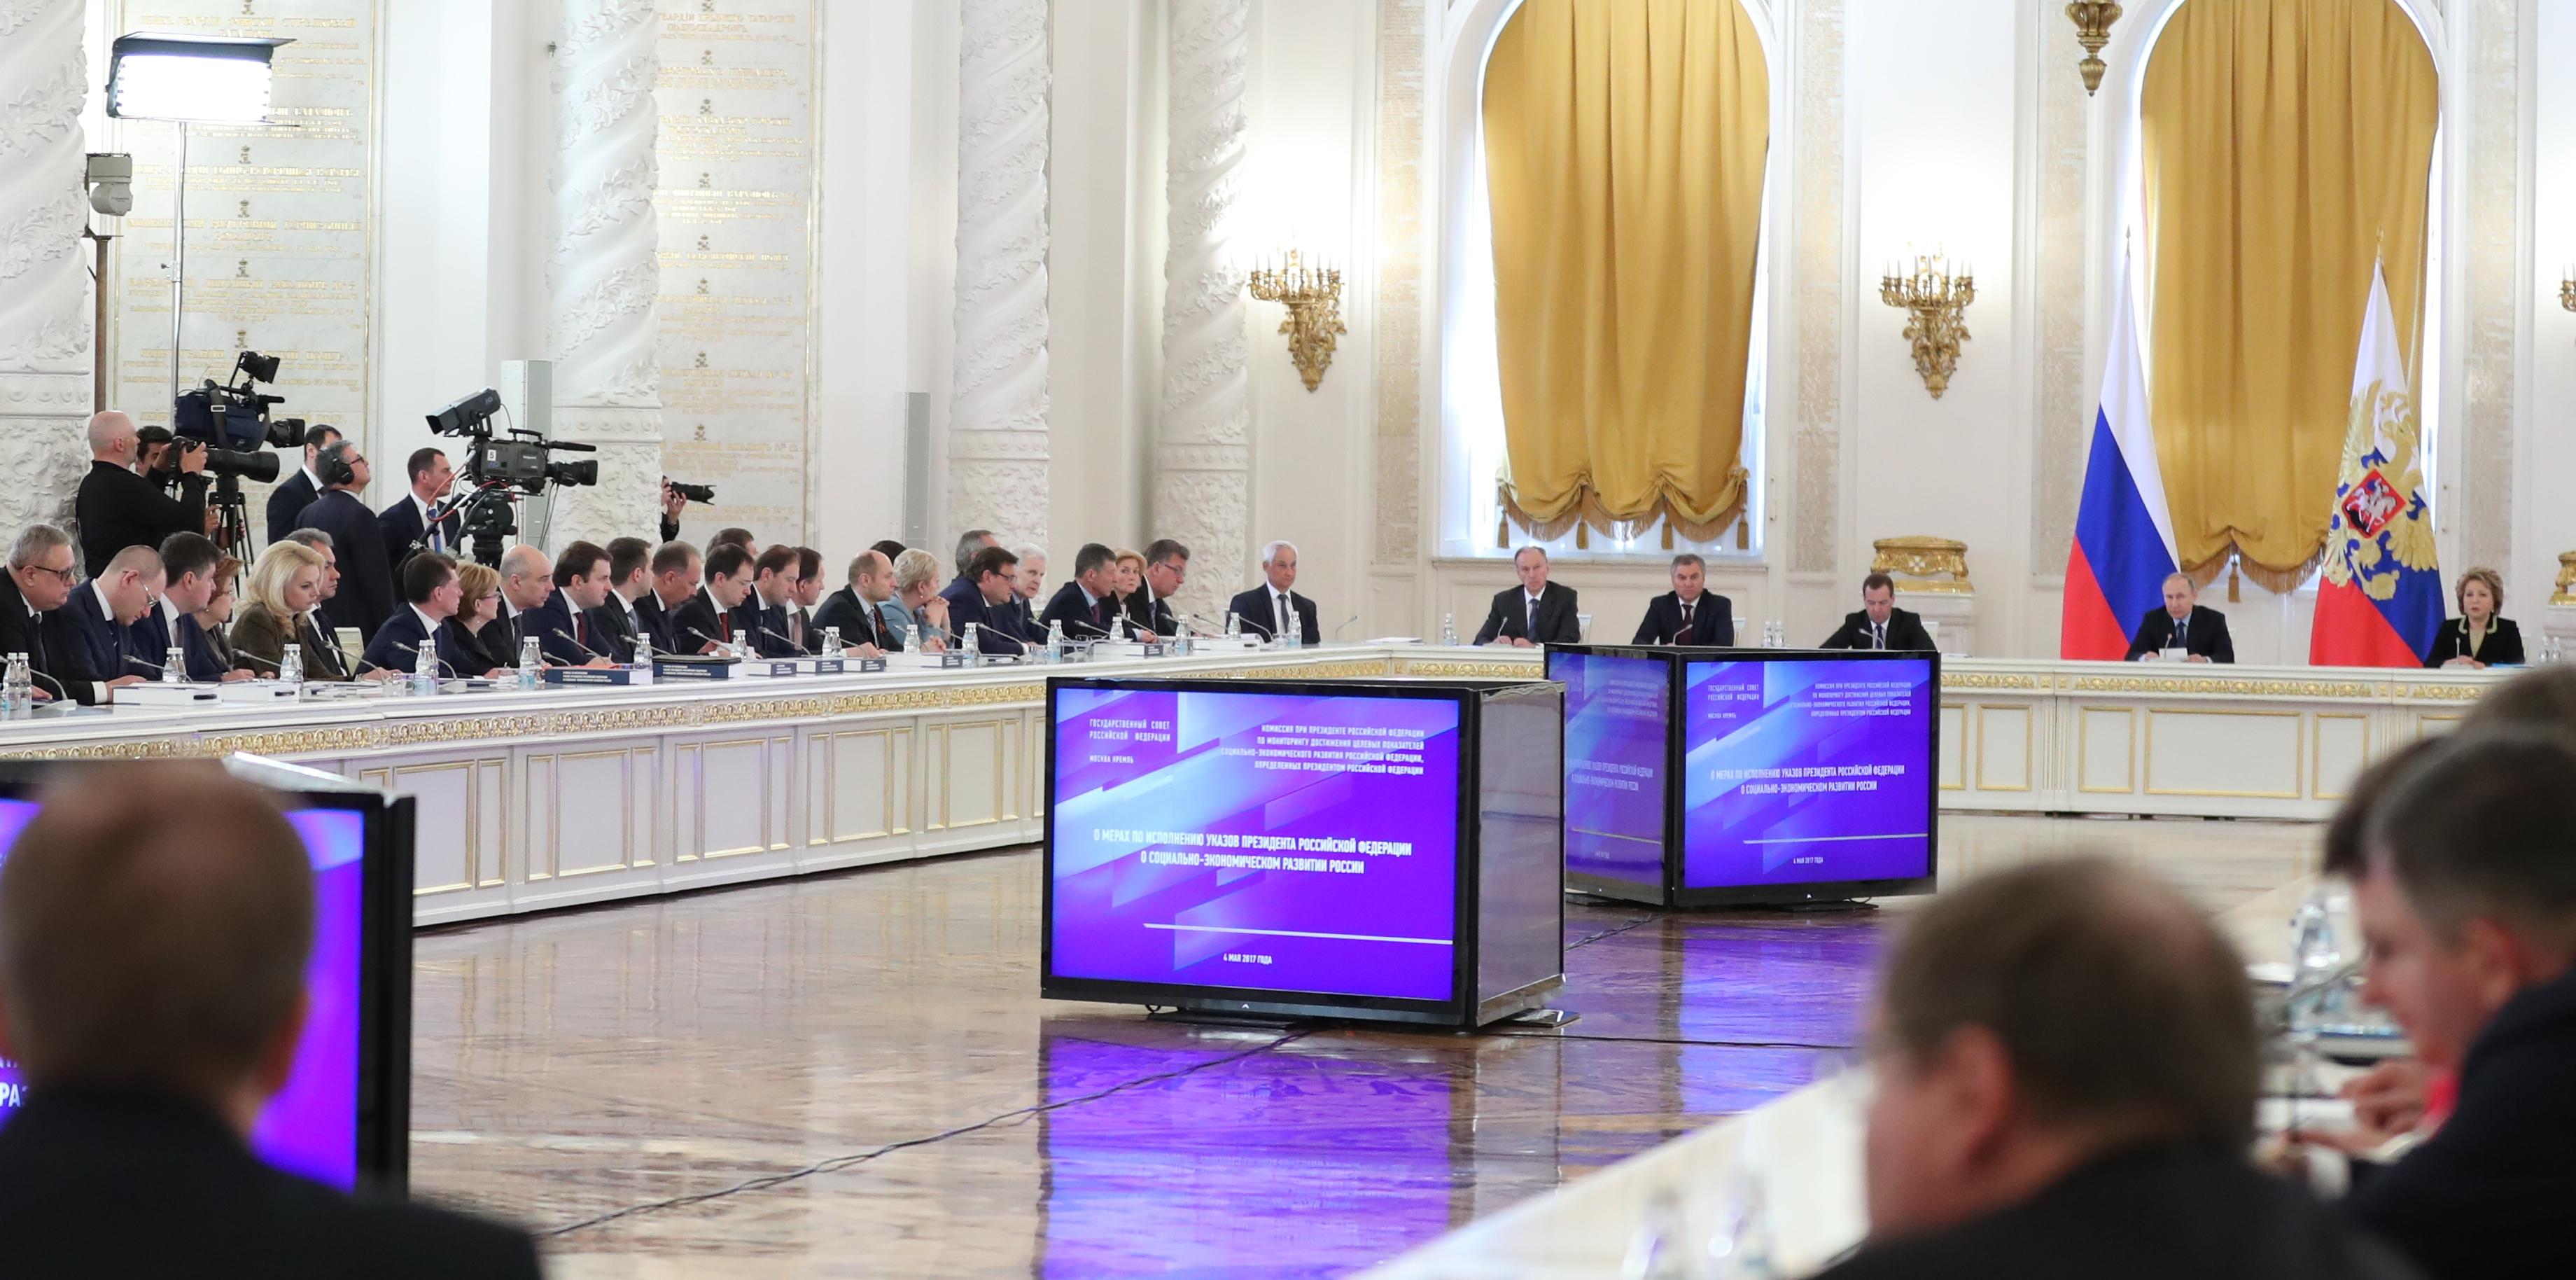 Минстрой России проработает меры по созданию постоянно действующих механизмов расселения аварийного жилья